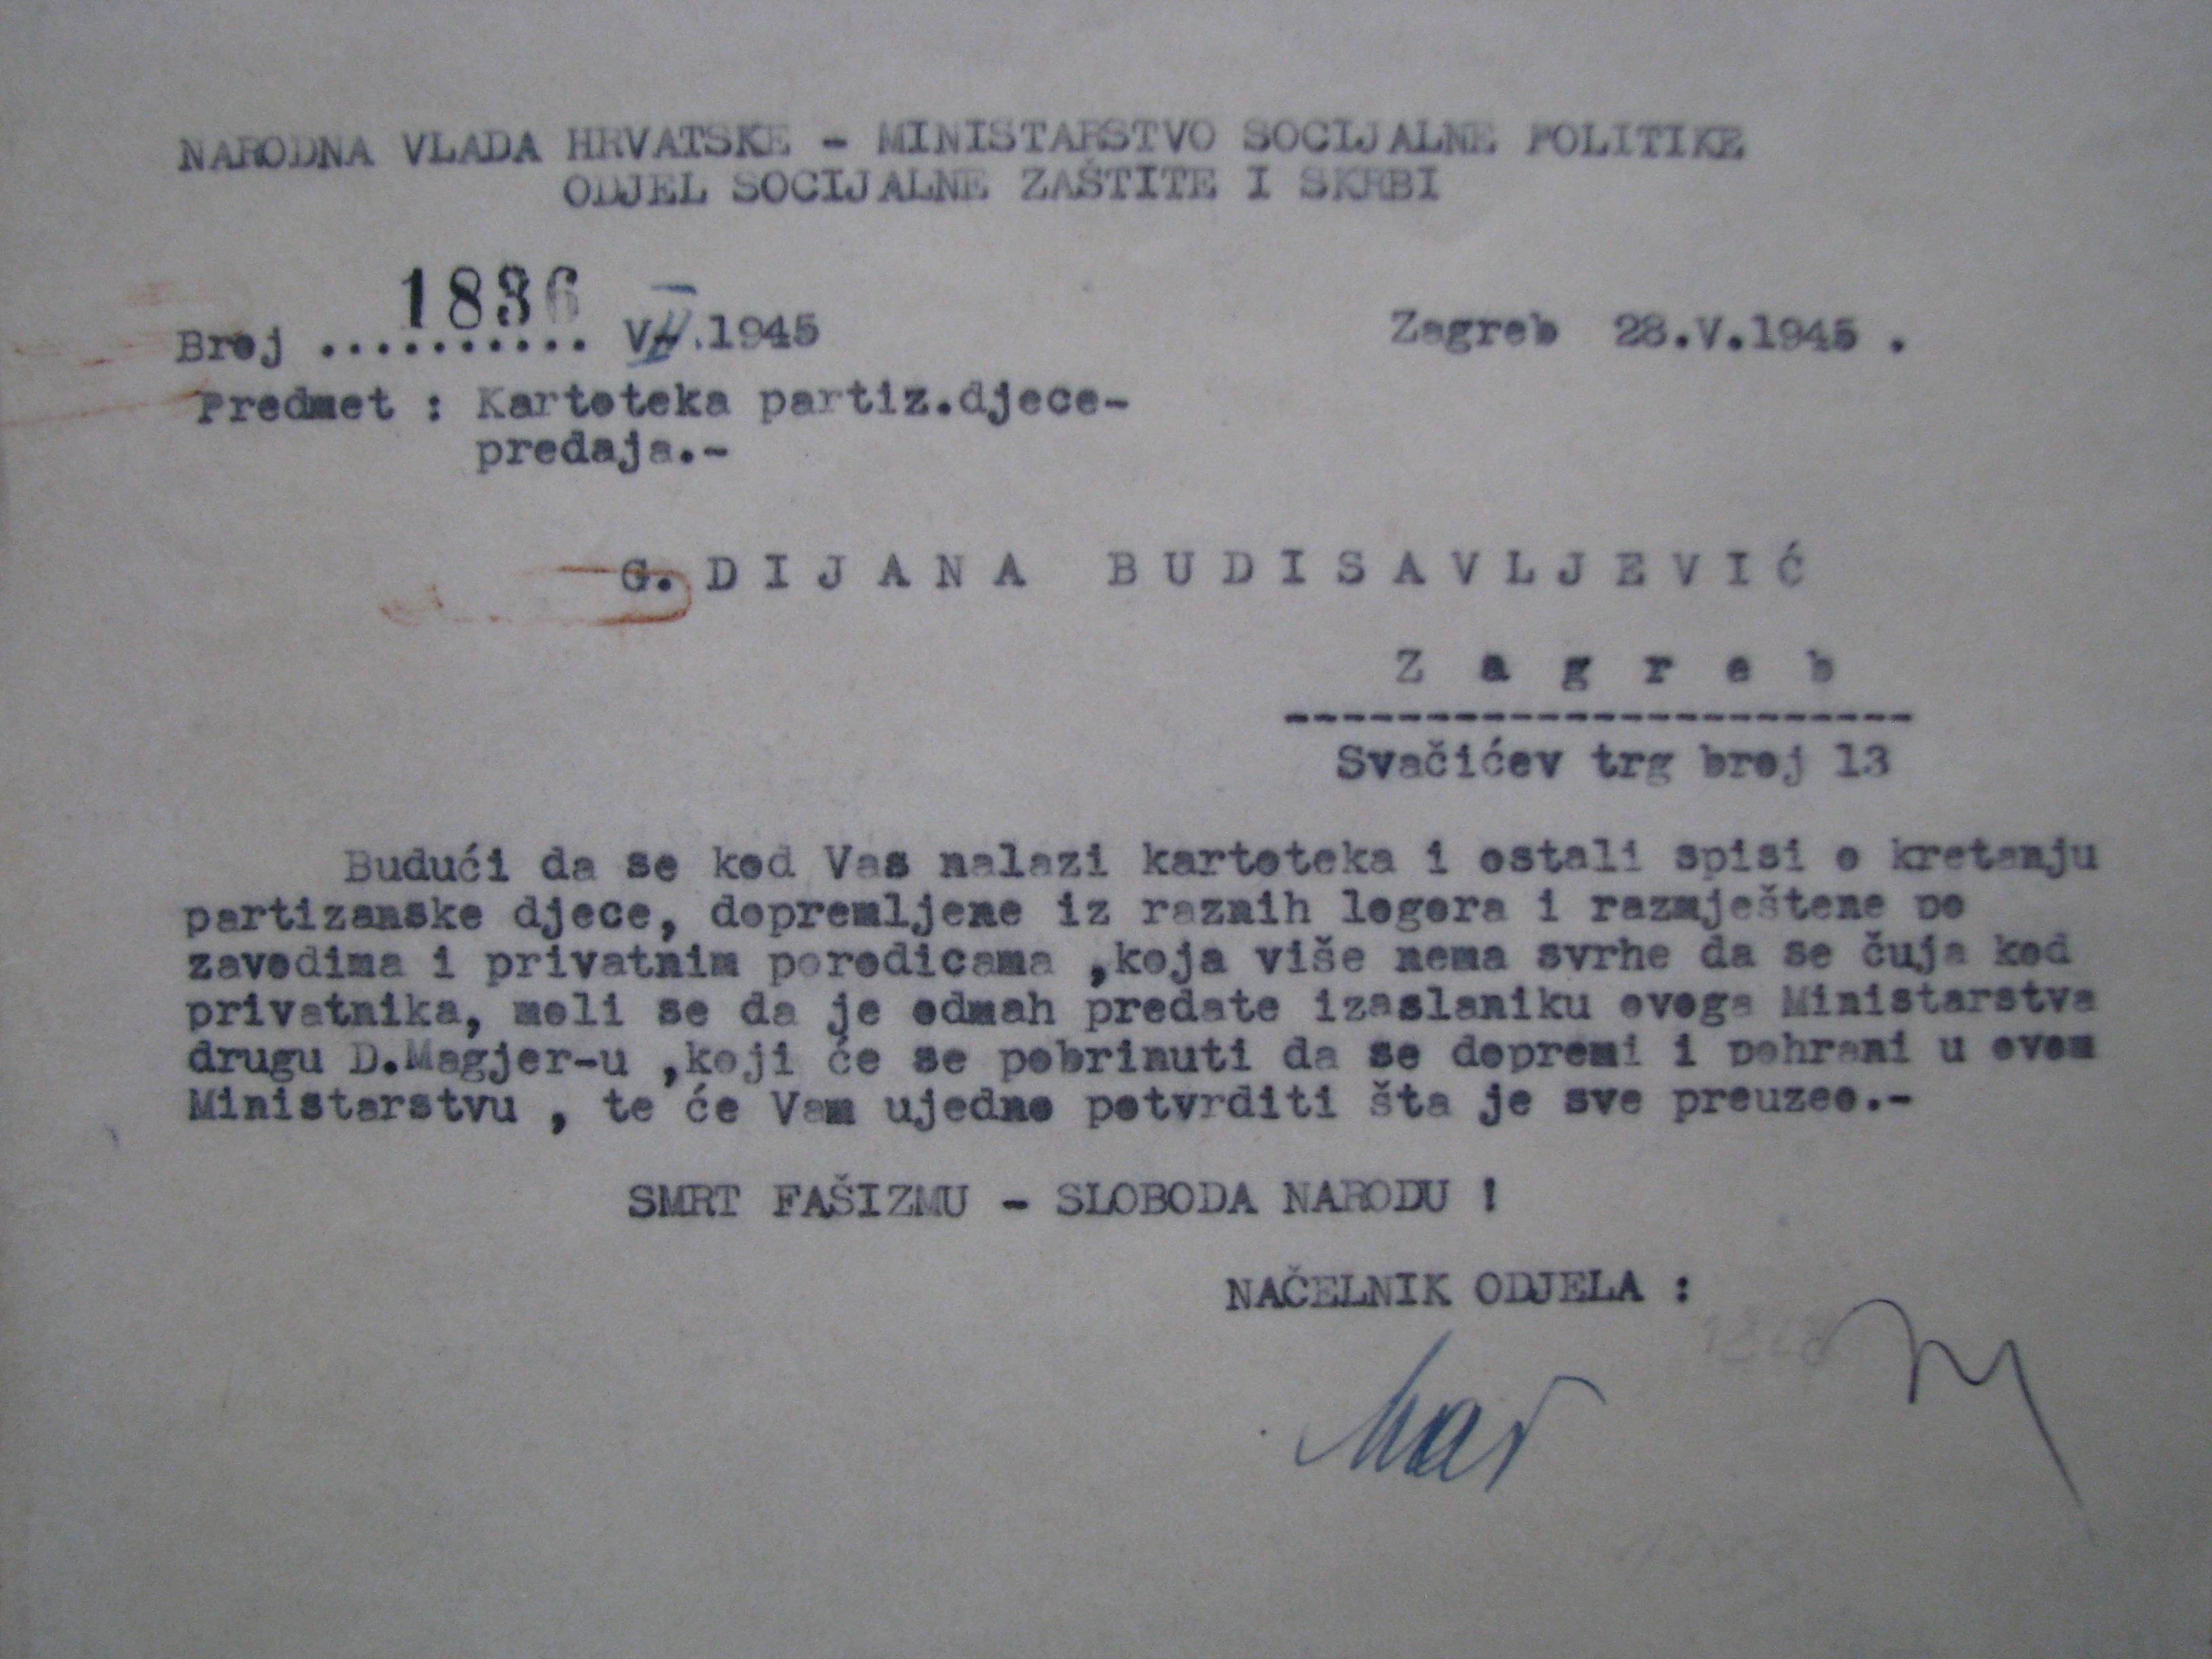 Nalog Diani Budisavljević da preda Kartoteku partizanske djece, Zagreb, 28. svibnja 1945. Nalog potpisala Tatjana Marinić, načelnica odsjeka. HR HDA